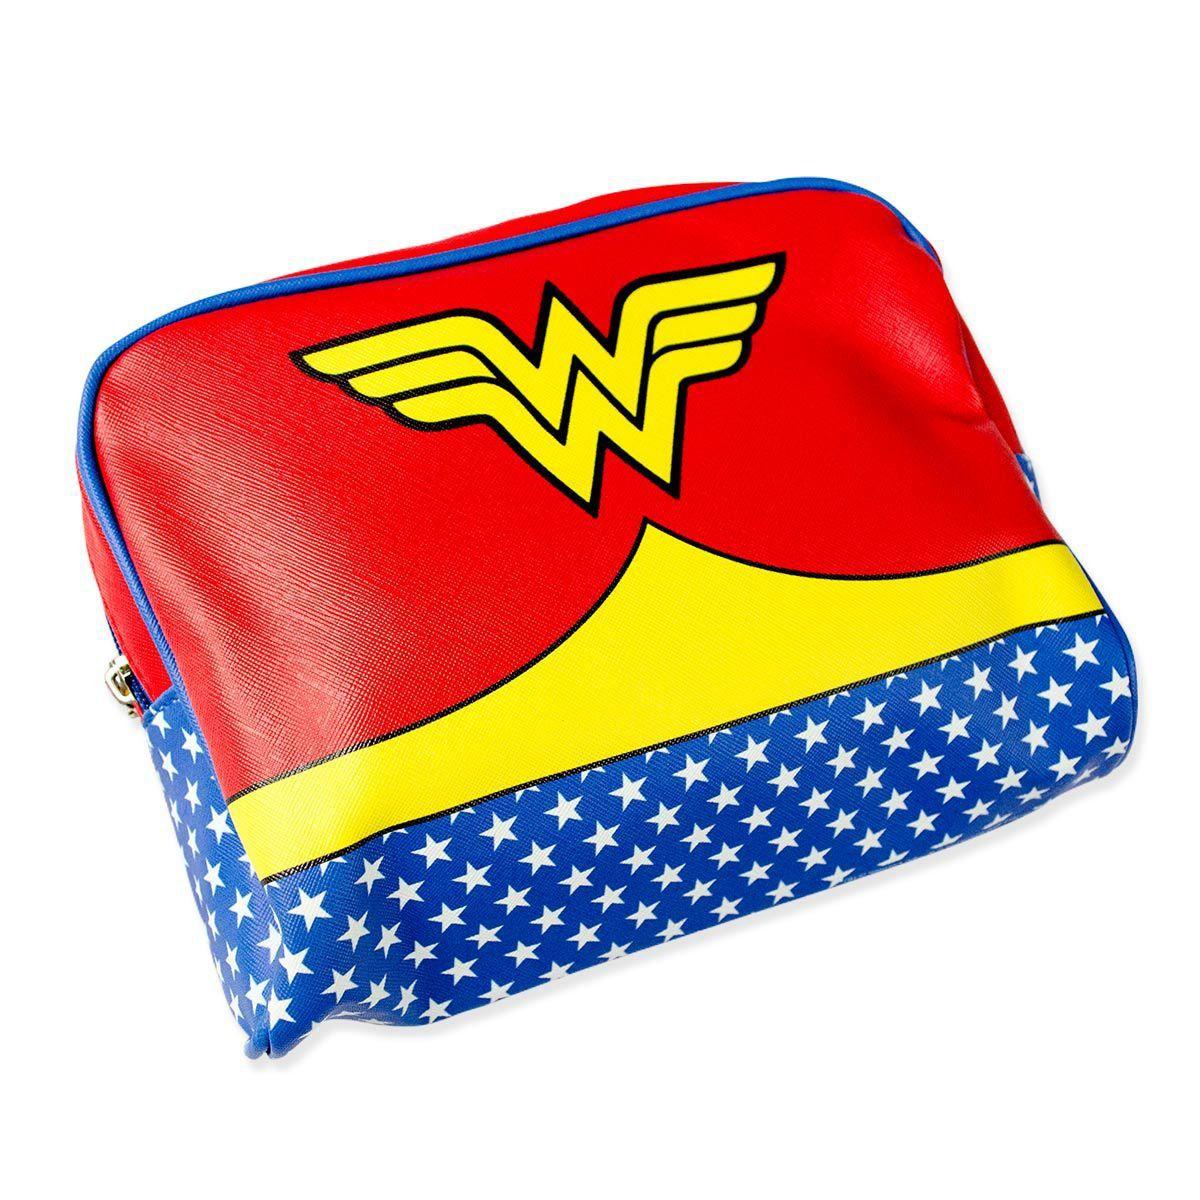 Necessaire Grande Wonder Woman Clothes  - bandUP Store Marketplace